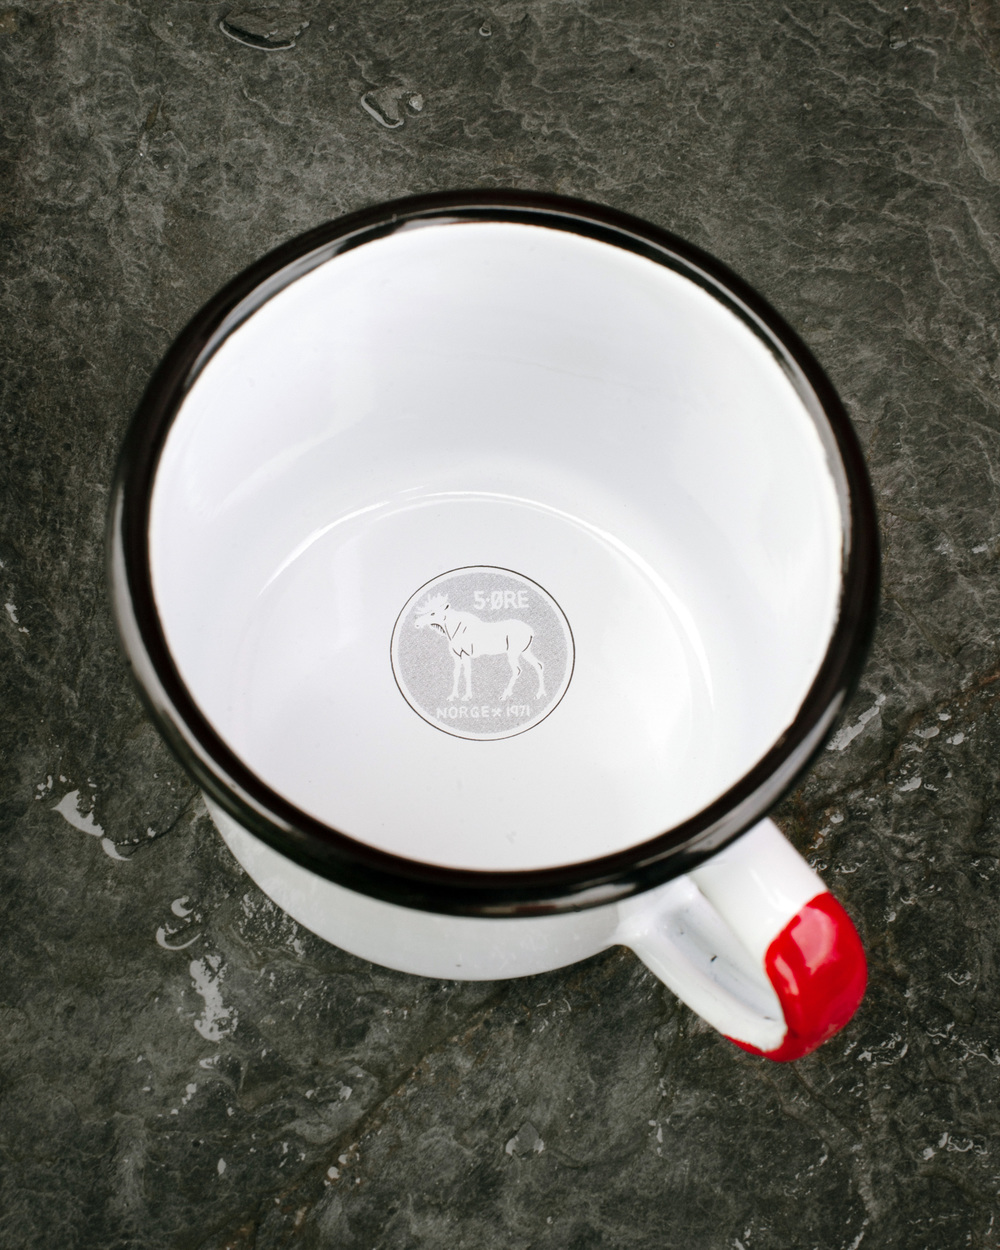 langora-mug-3-2.jpg